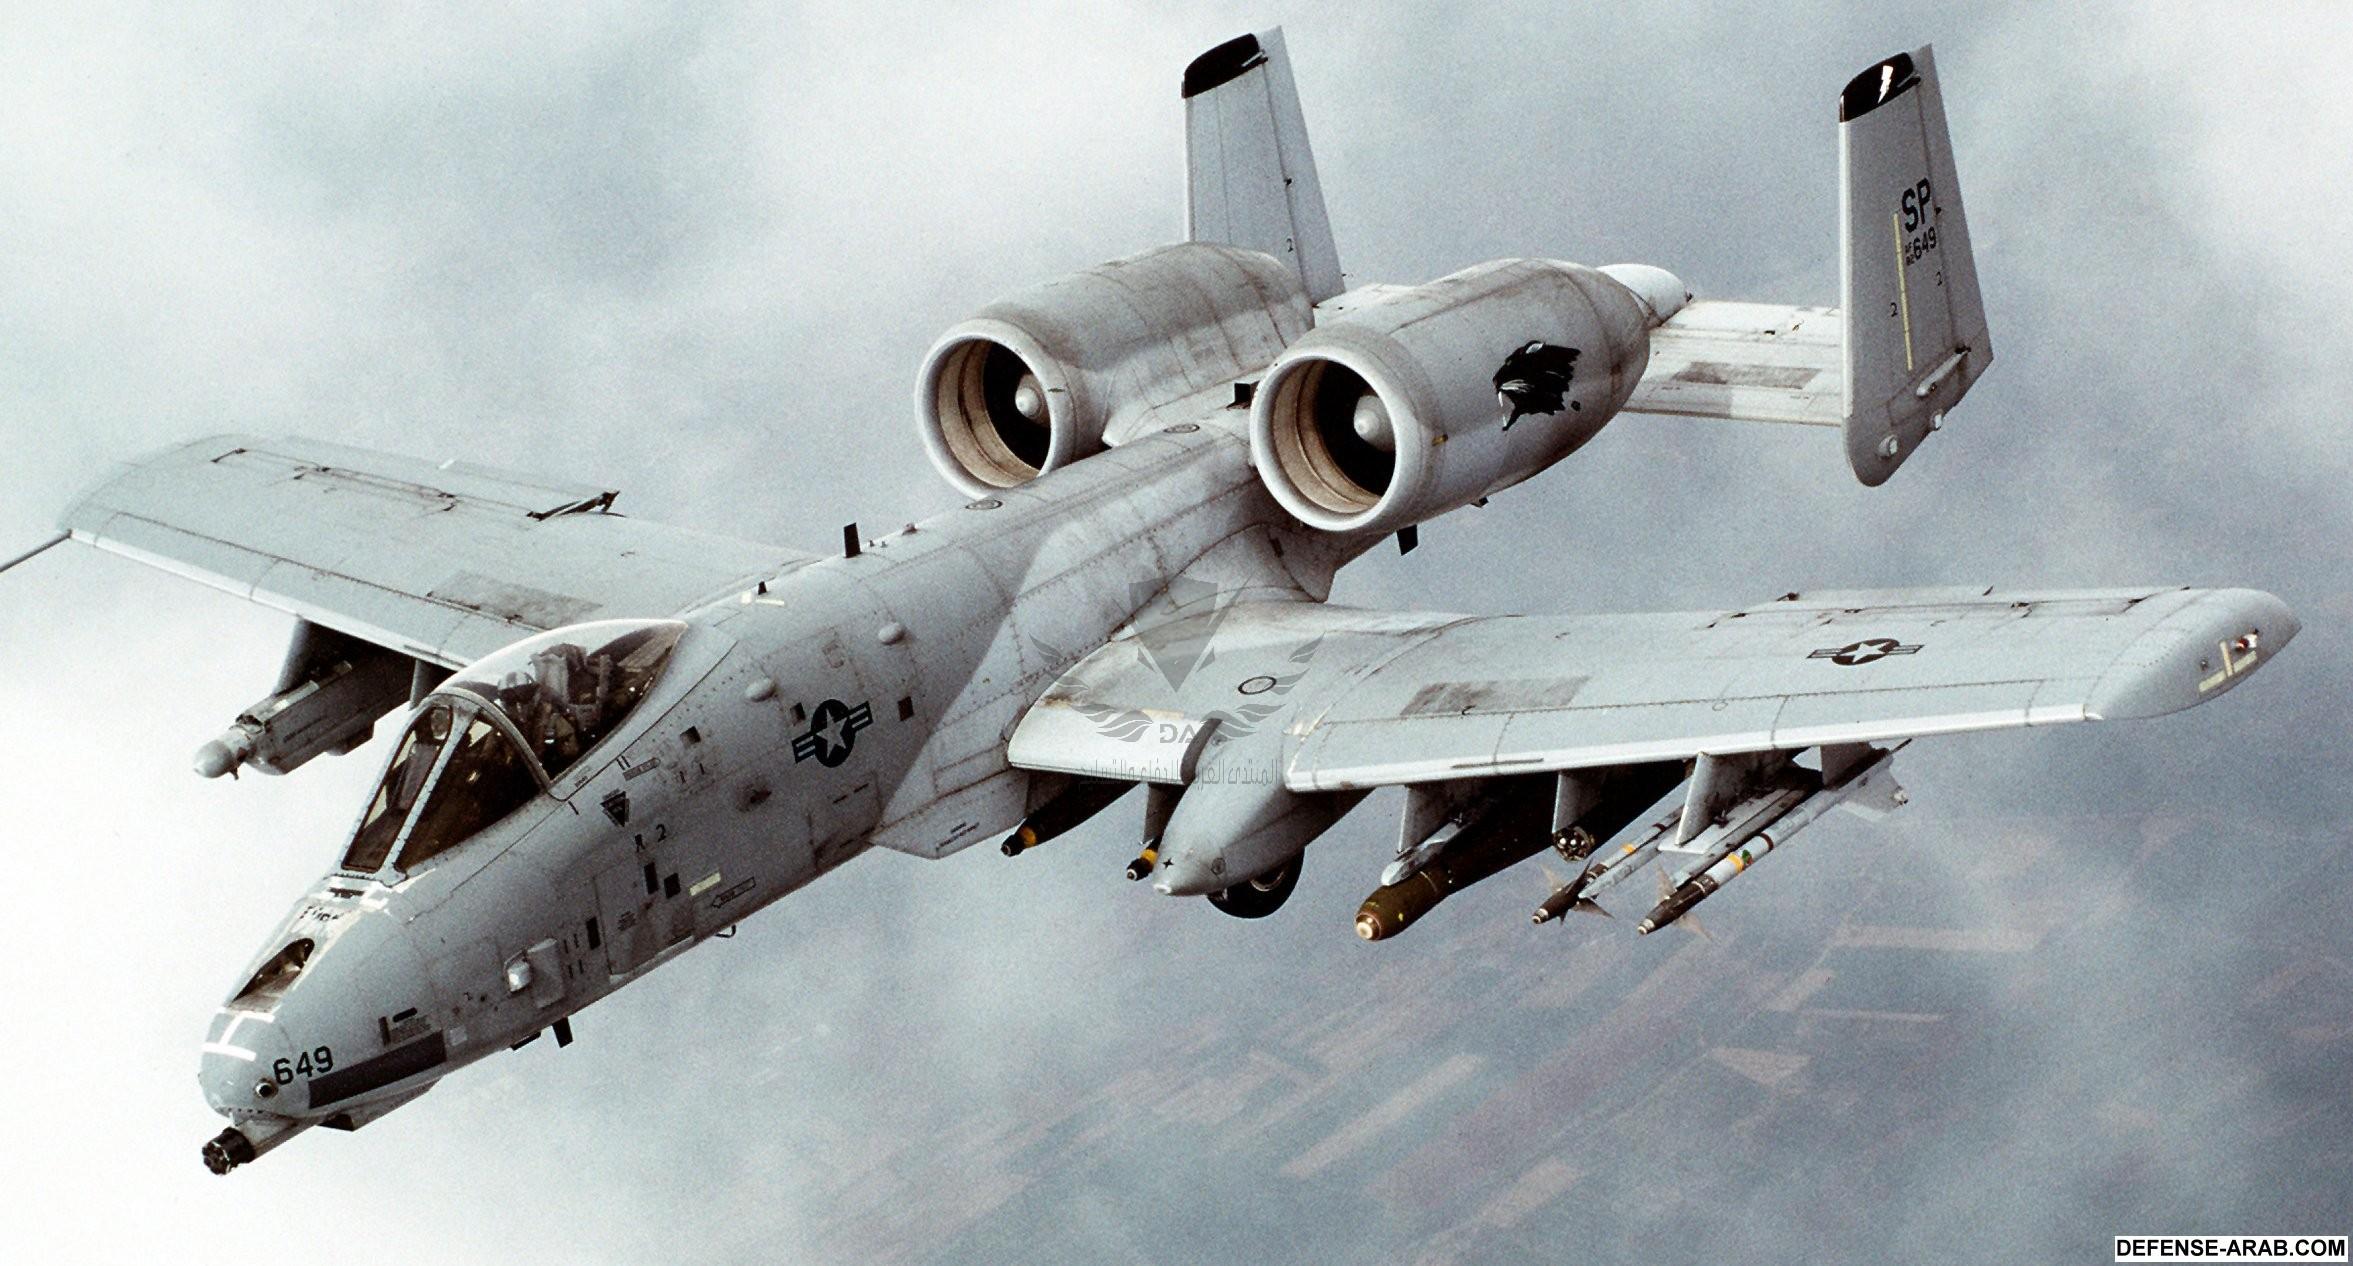 A-10_Thunderbolt_II_In-flight-2.jpg